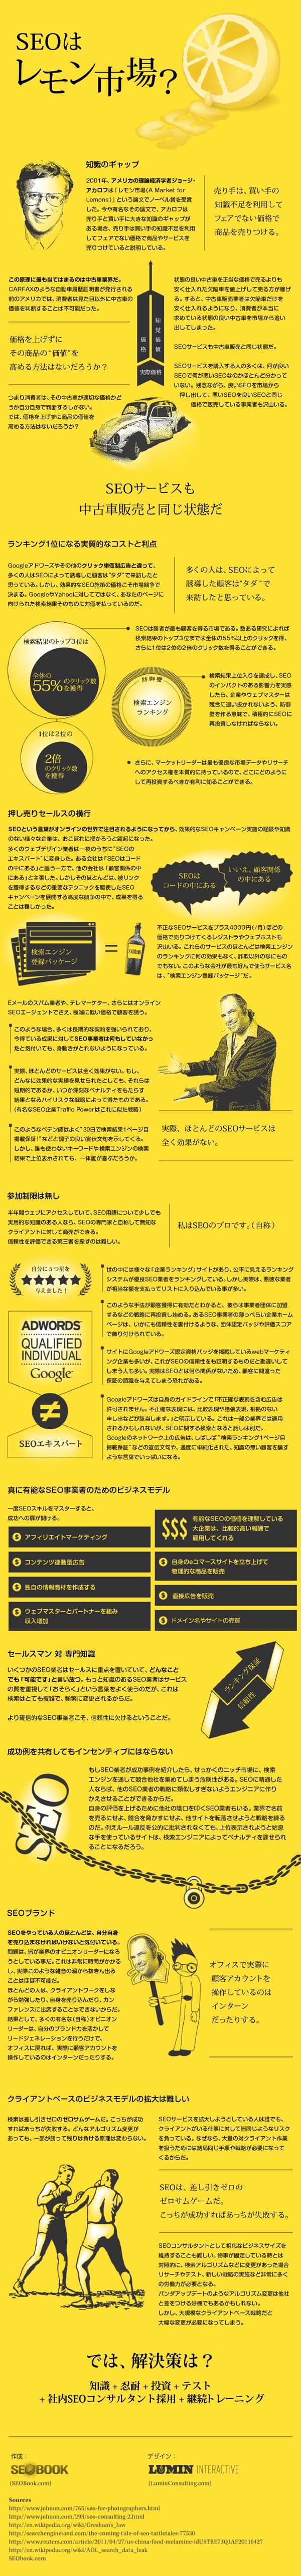 Seoが最強のレモン市場であることを証明するインフォグラフィック インフォグラフィック Webマーケティング マーケティング